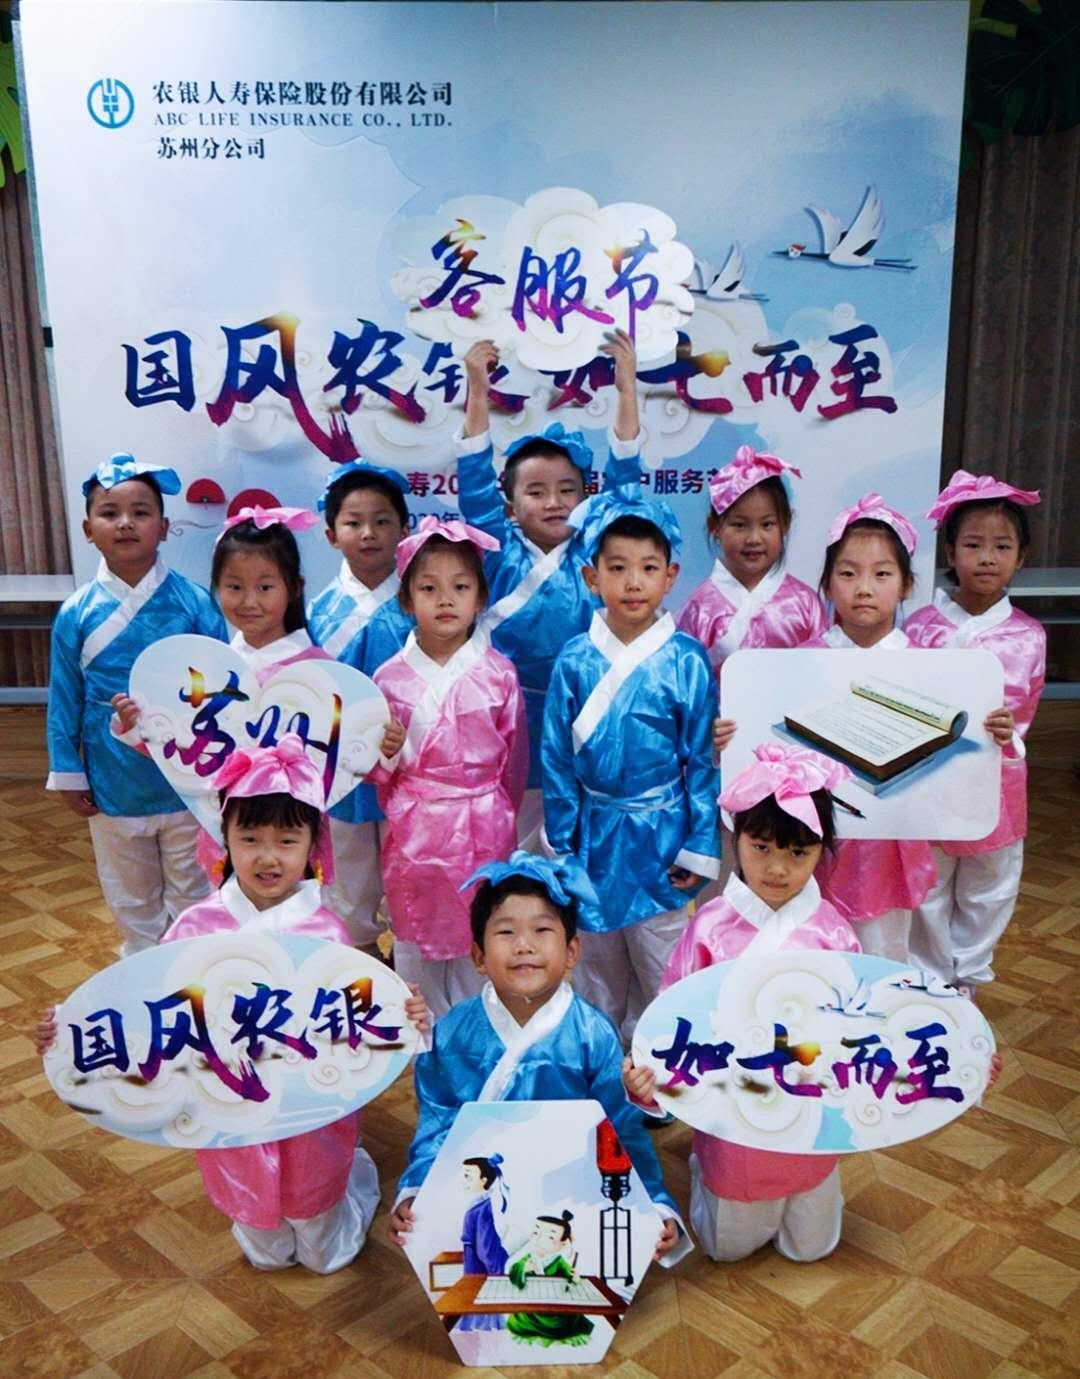 国风农银 如七而至 农银人寿苏州分公司第七届客服节正式启动